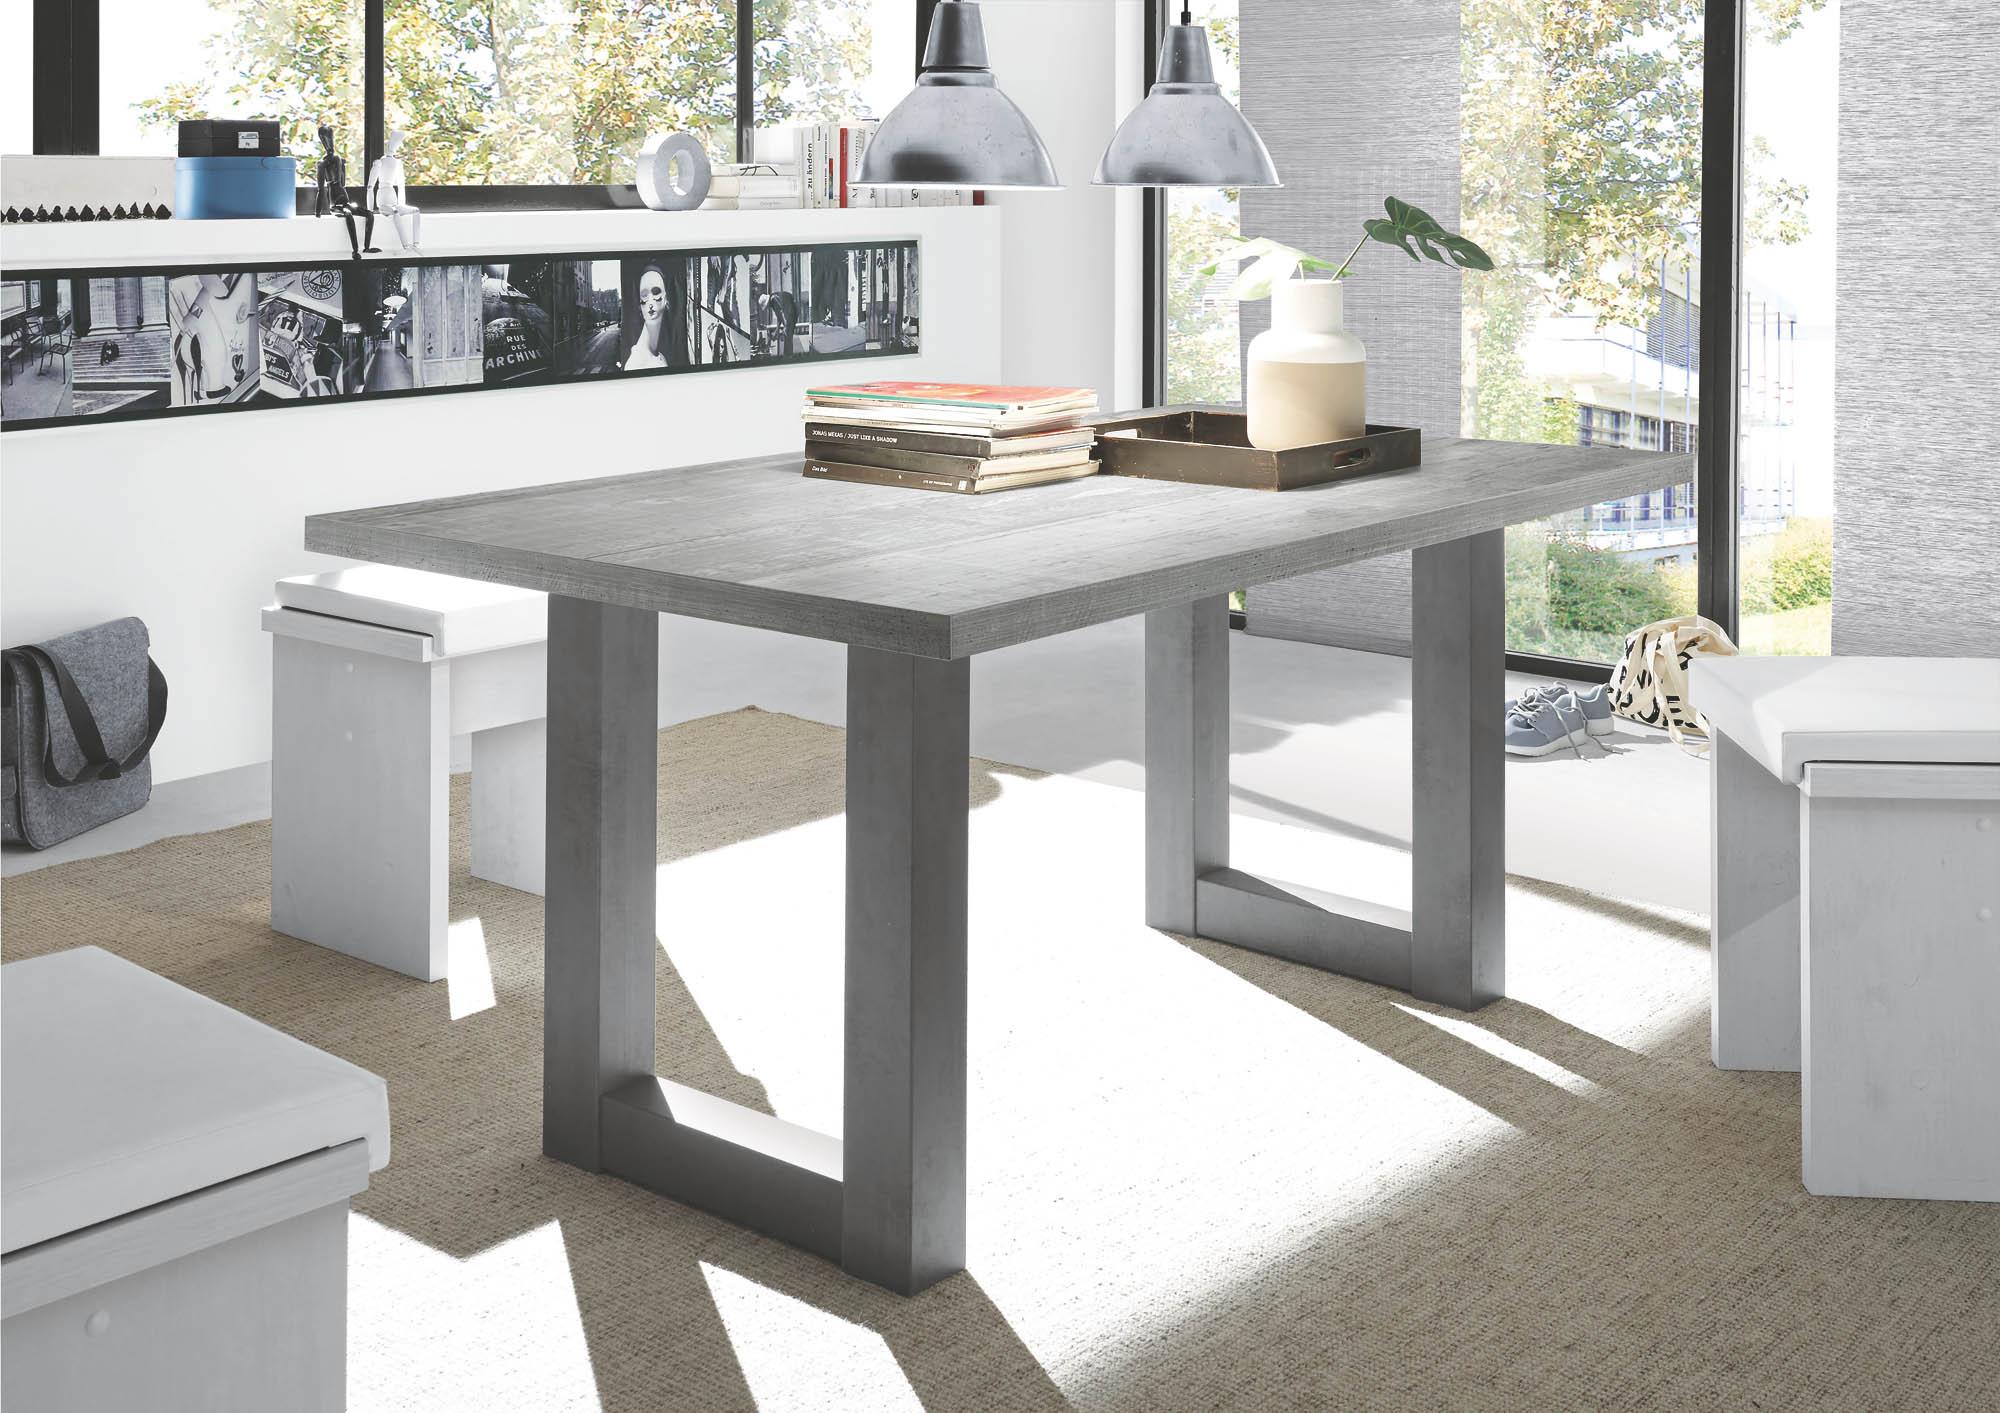 esstisch 180 cm breit mister u von m usbacher graphit beton. Black Bedroom Furniture Sets. Home Design Ideas